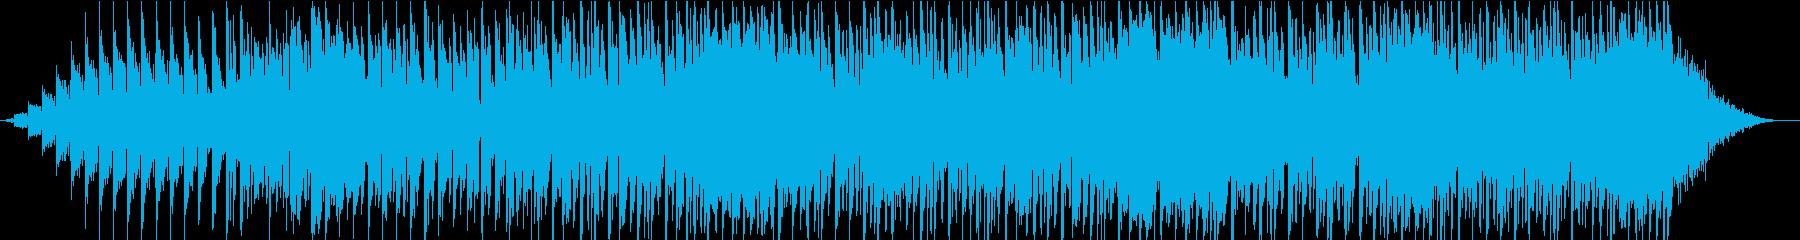 運転感覚のあるパルスEDMダンスポ...の再生済みの波形